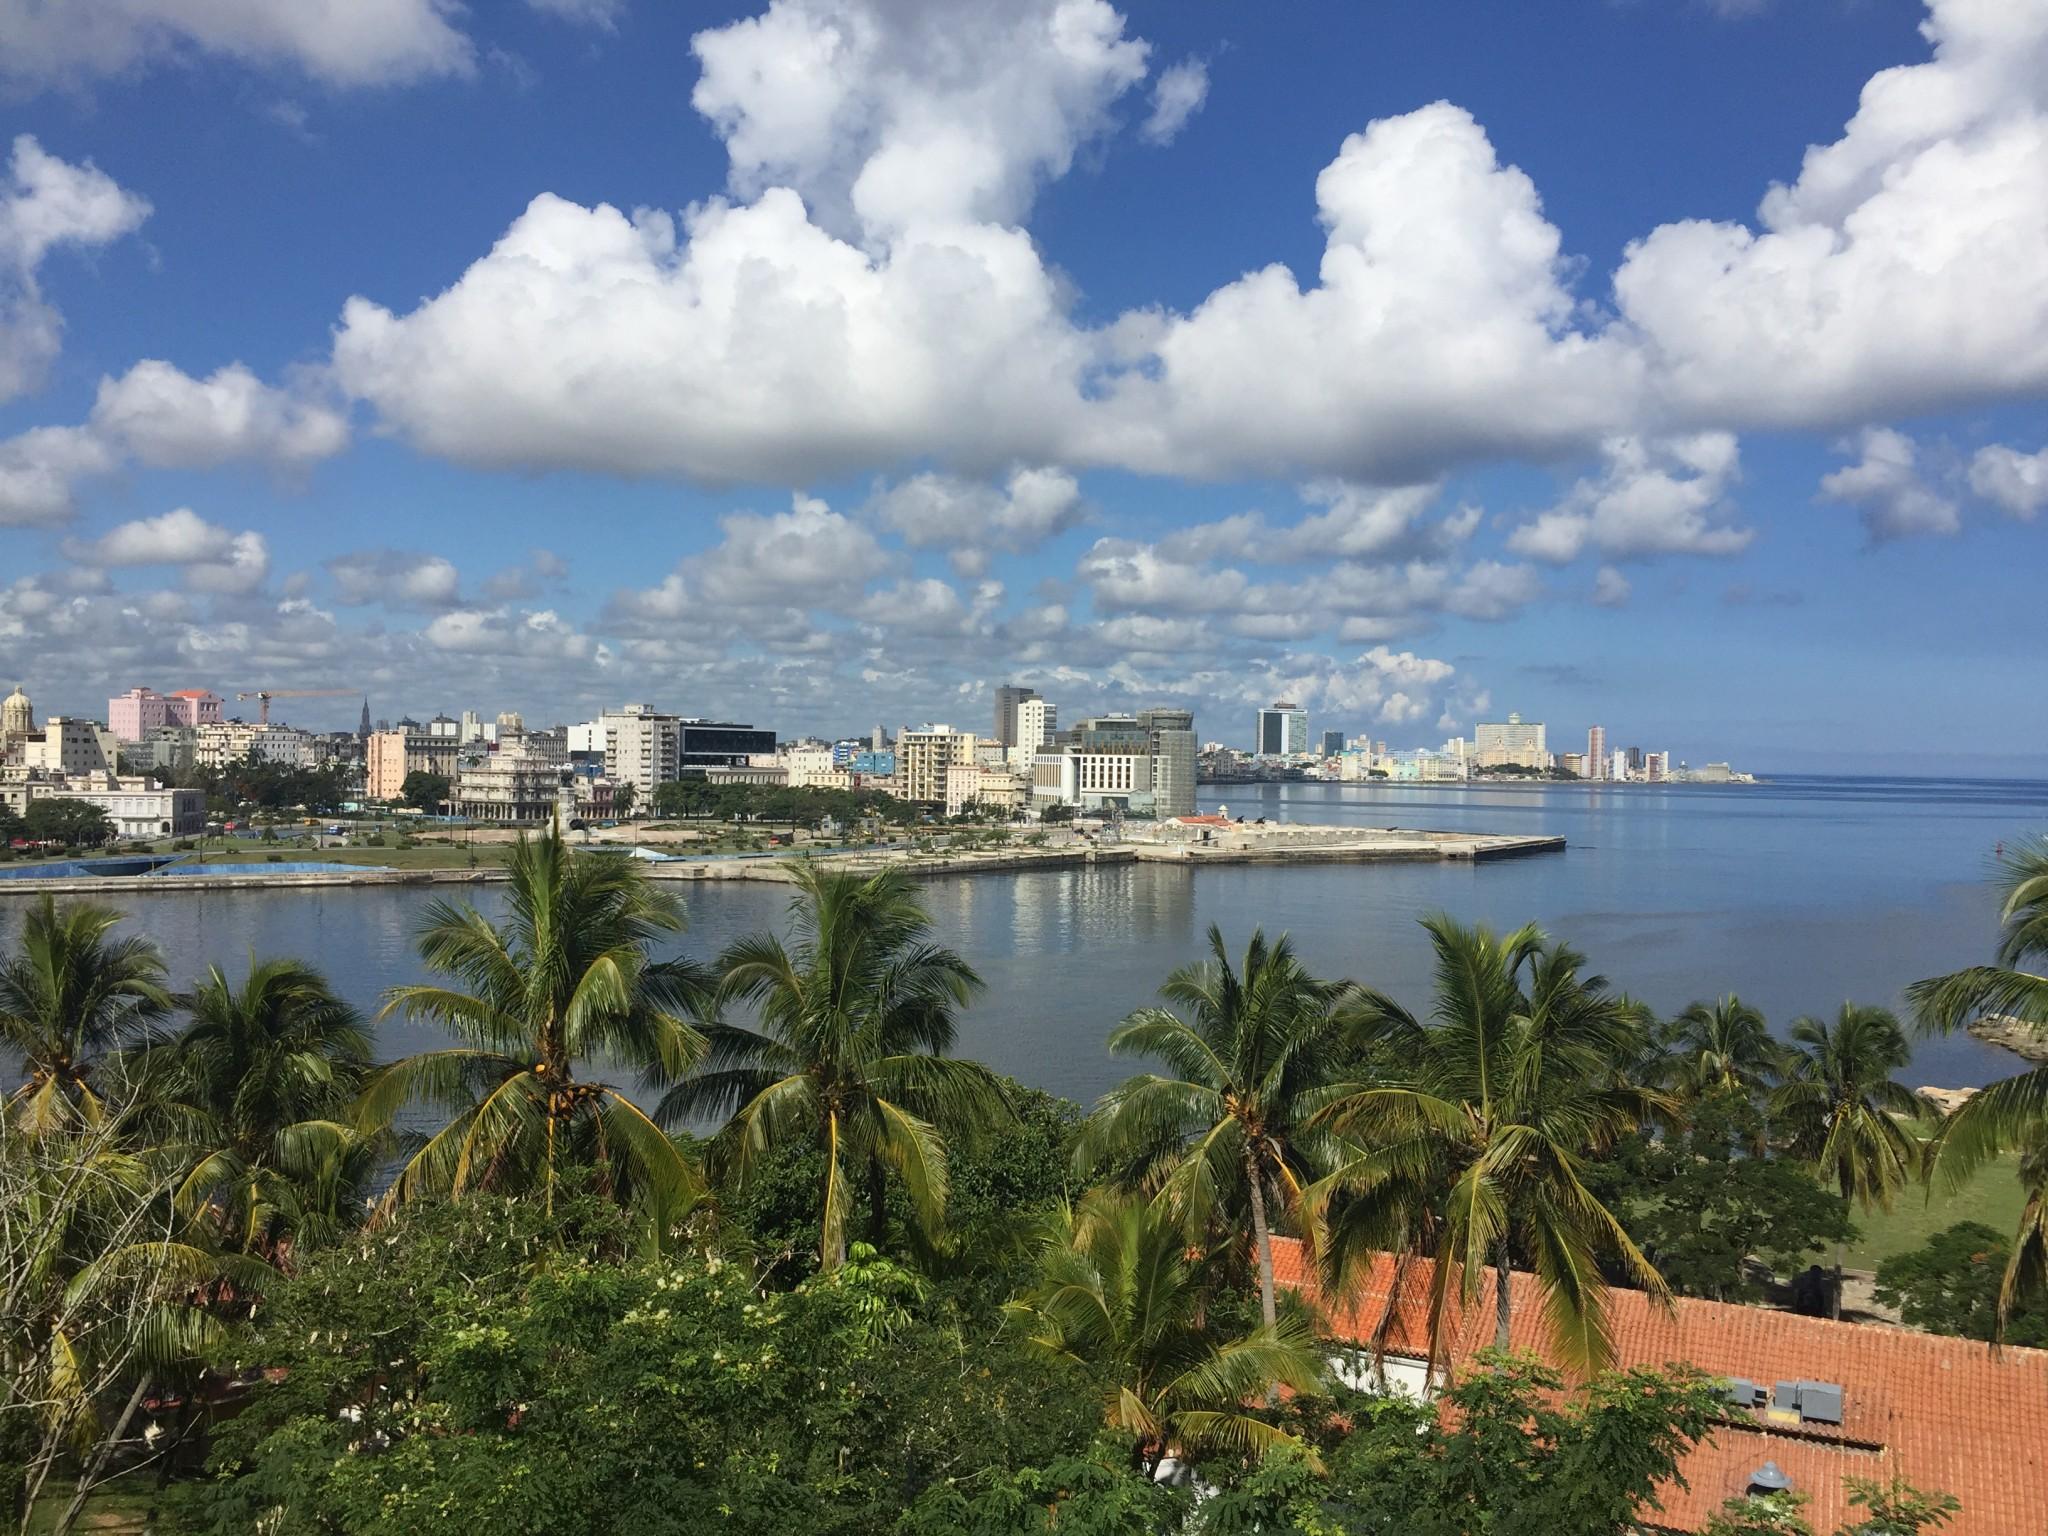 Kuba-Havanna-Panorama-IMG_6653-bk